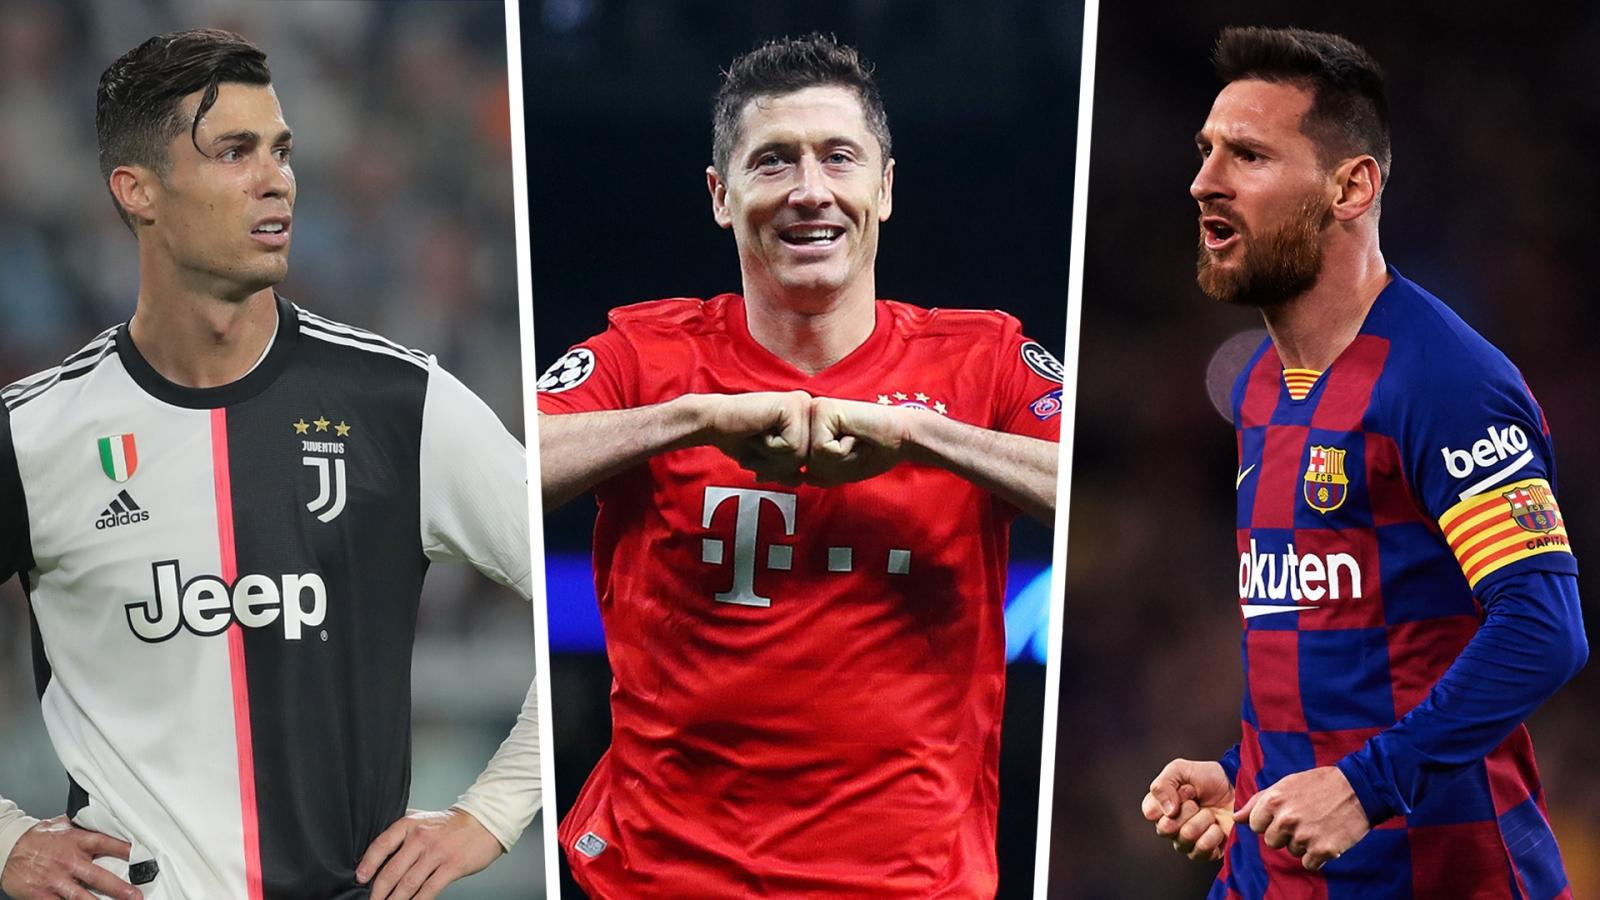 Cầu thủ xuất sắc nhất thế giới 2020 bị cáo buộc trốn thuế